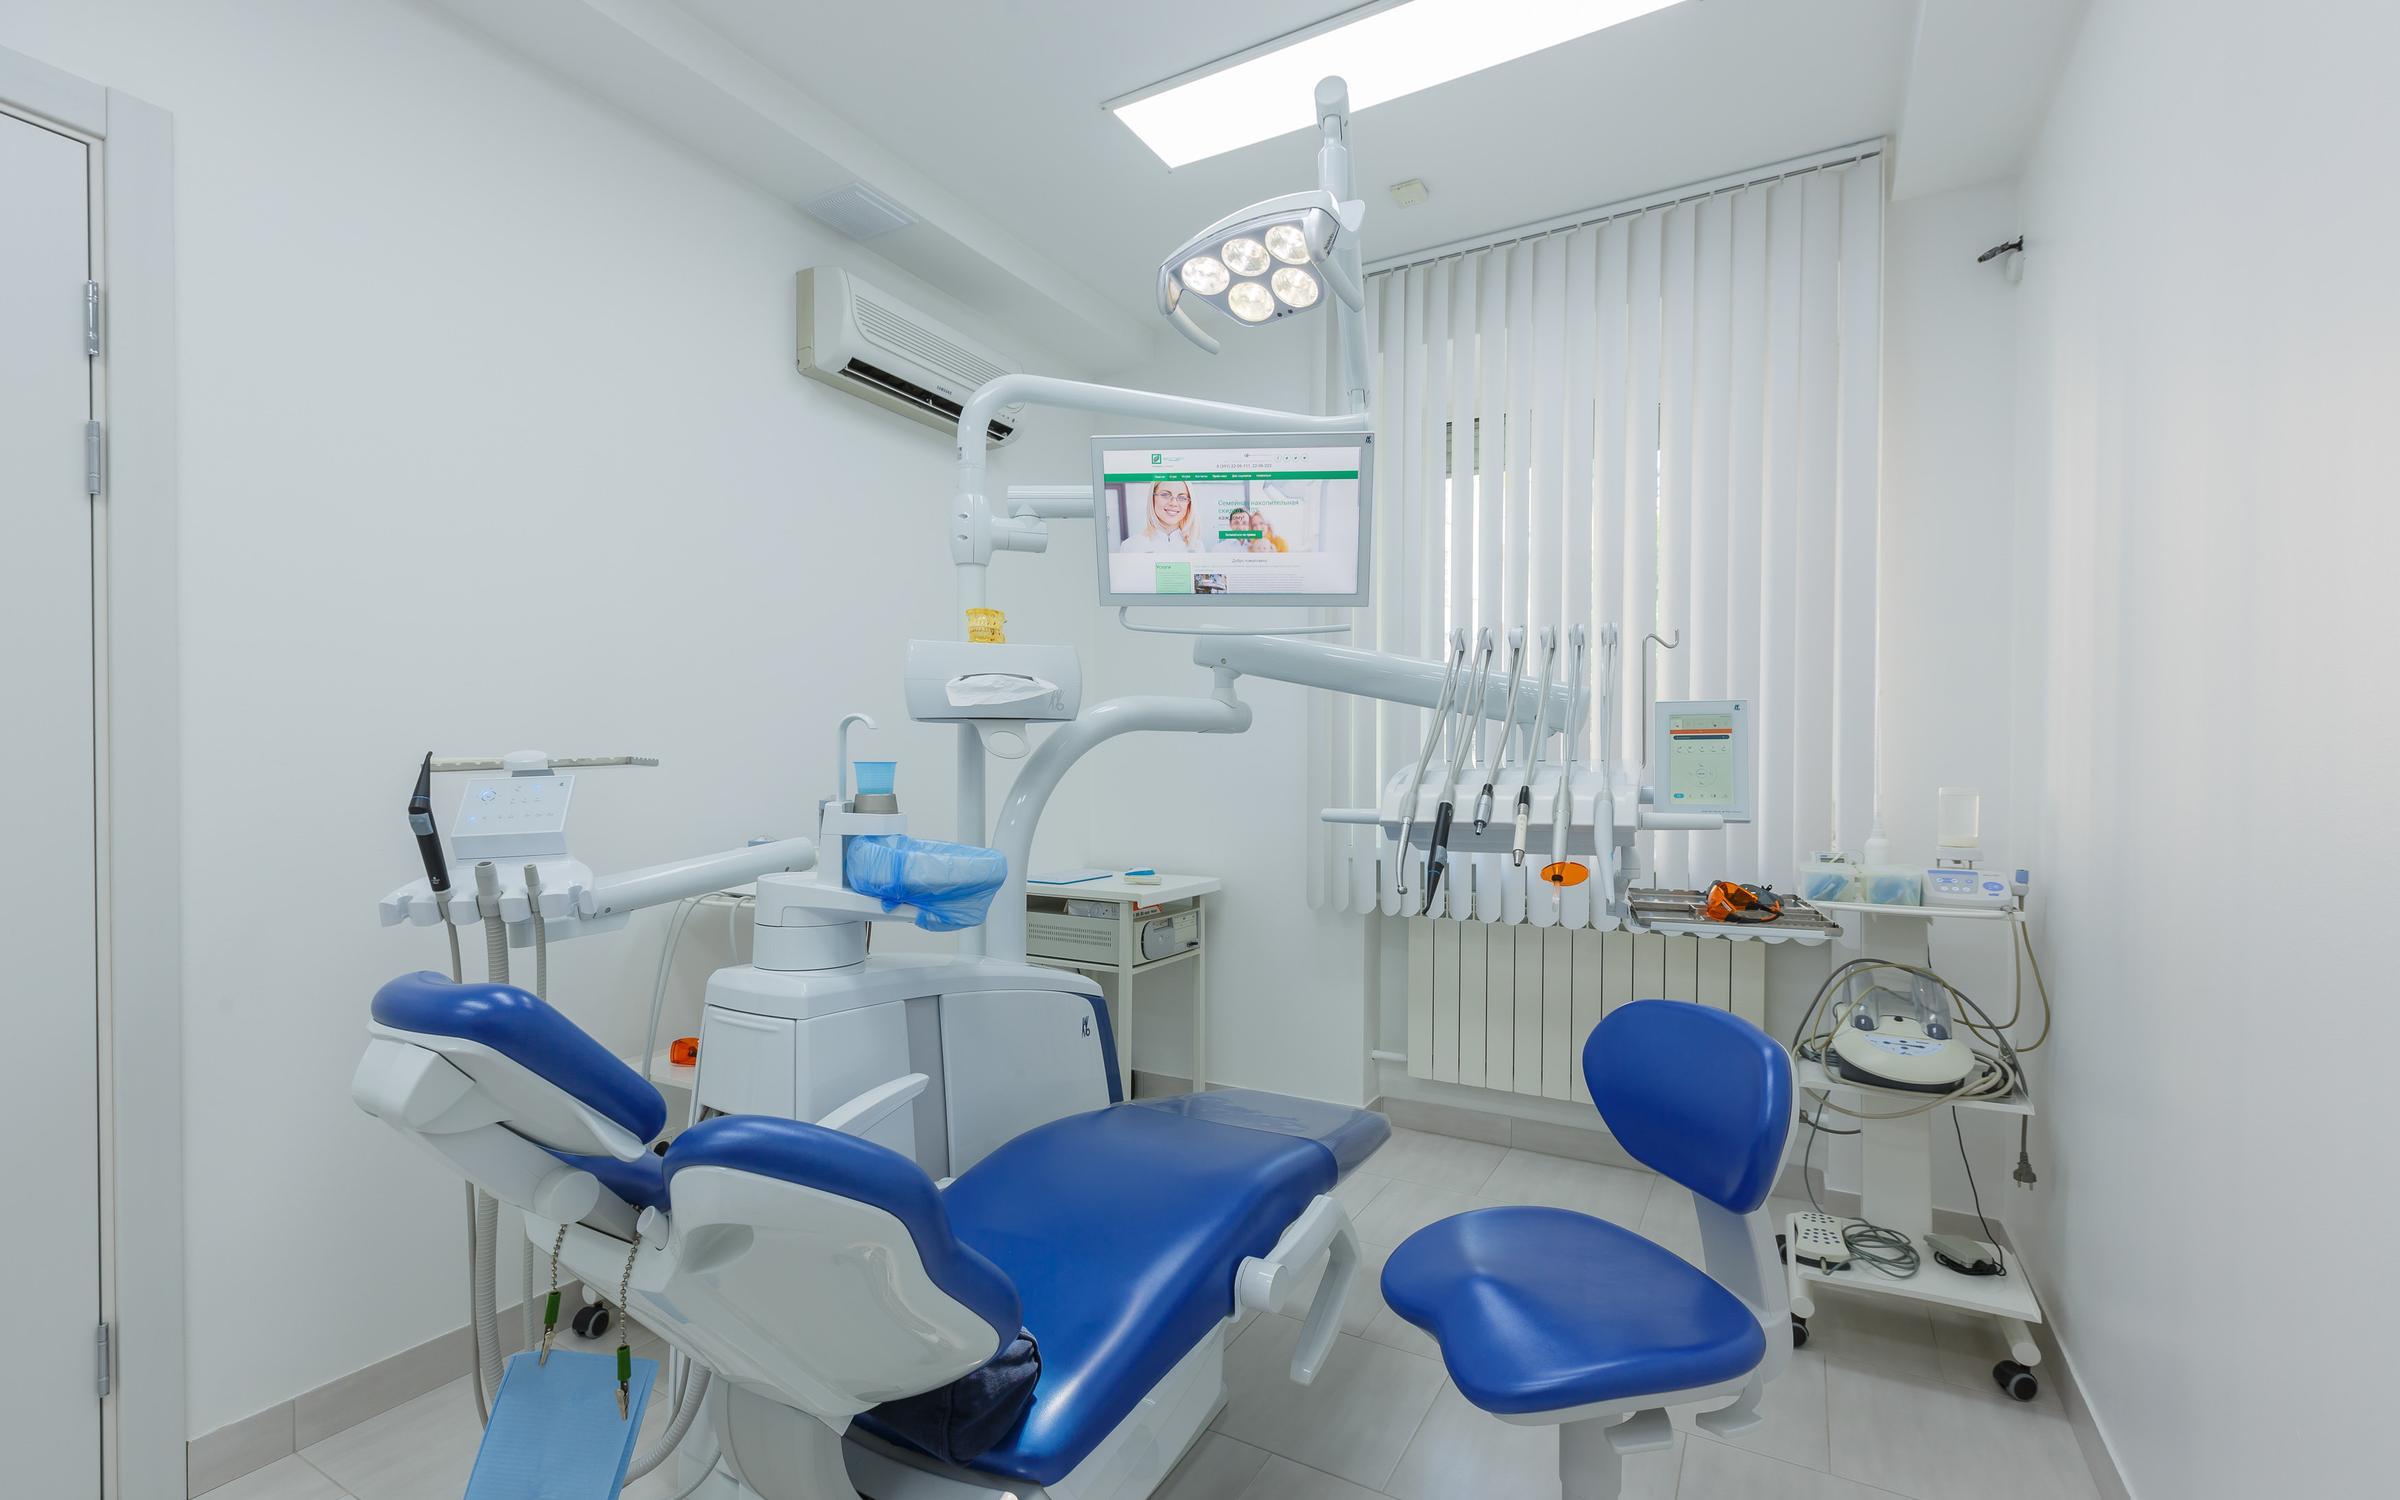 фотография Стоматологической клиники Эстэо на улице Диктатуры Пролетариата